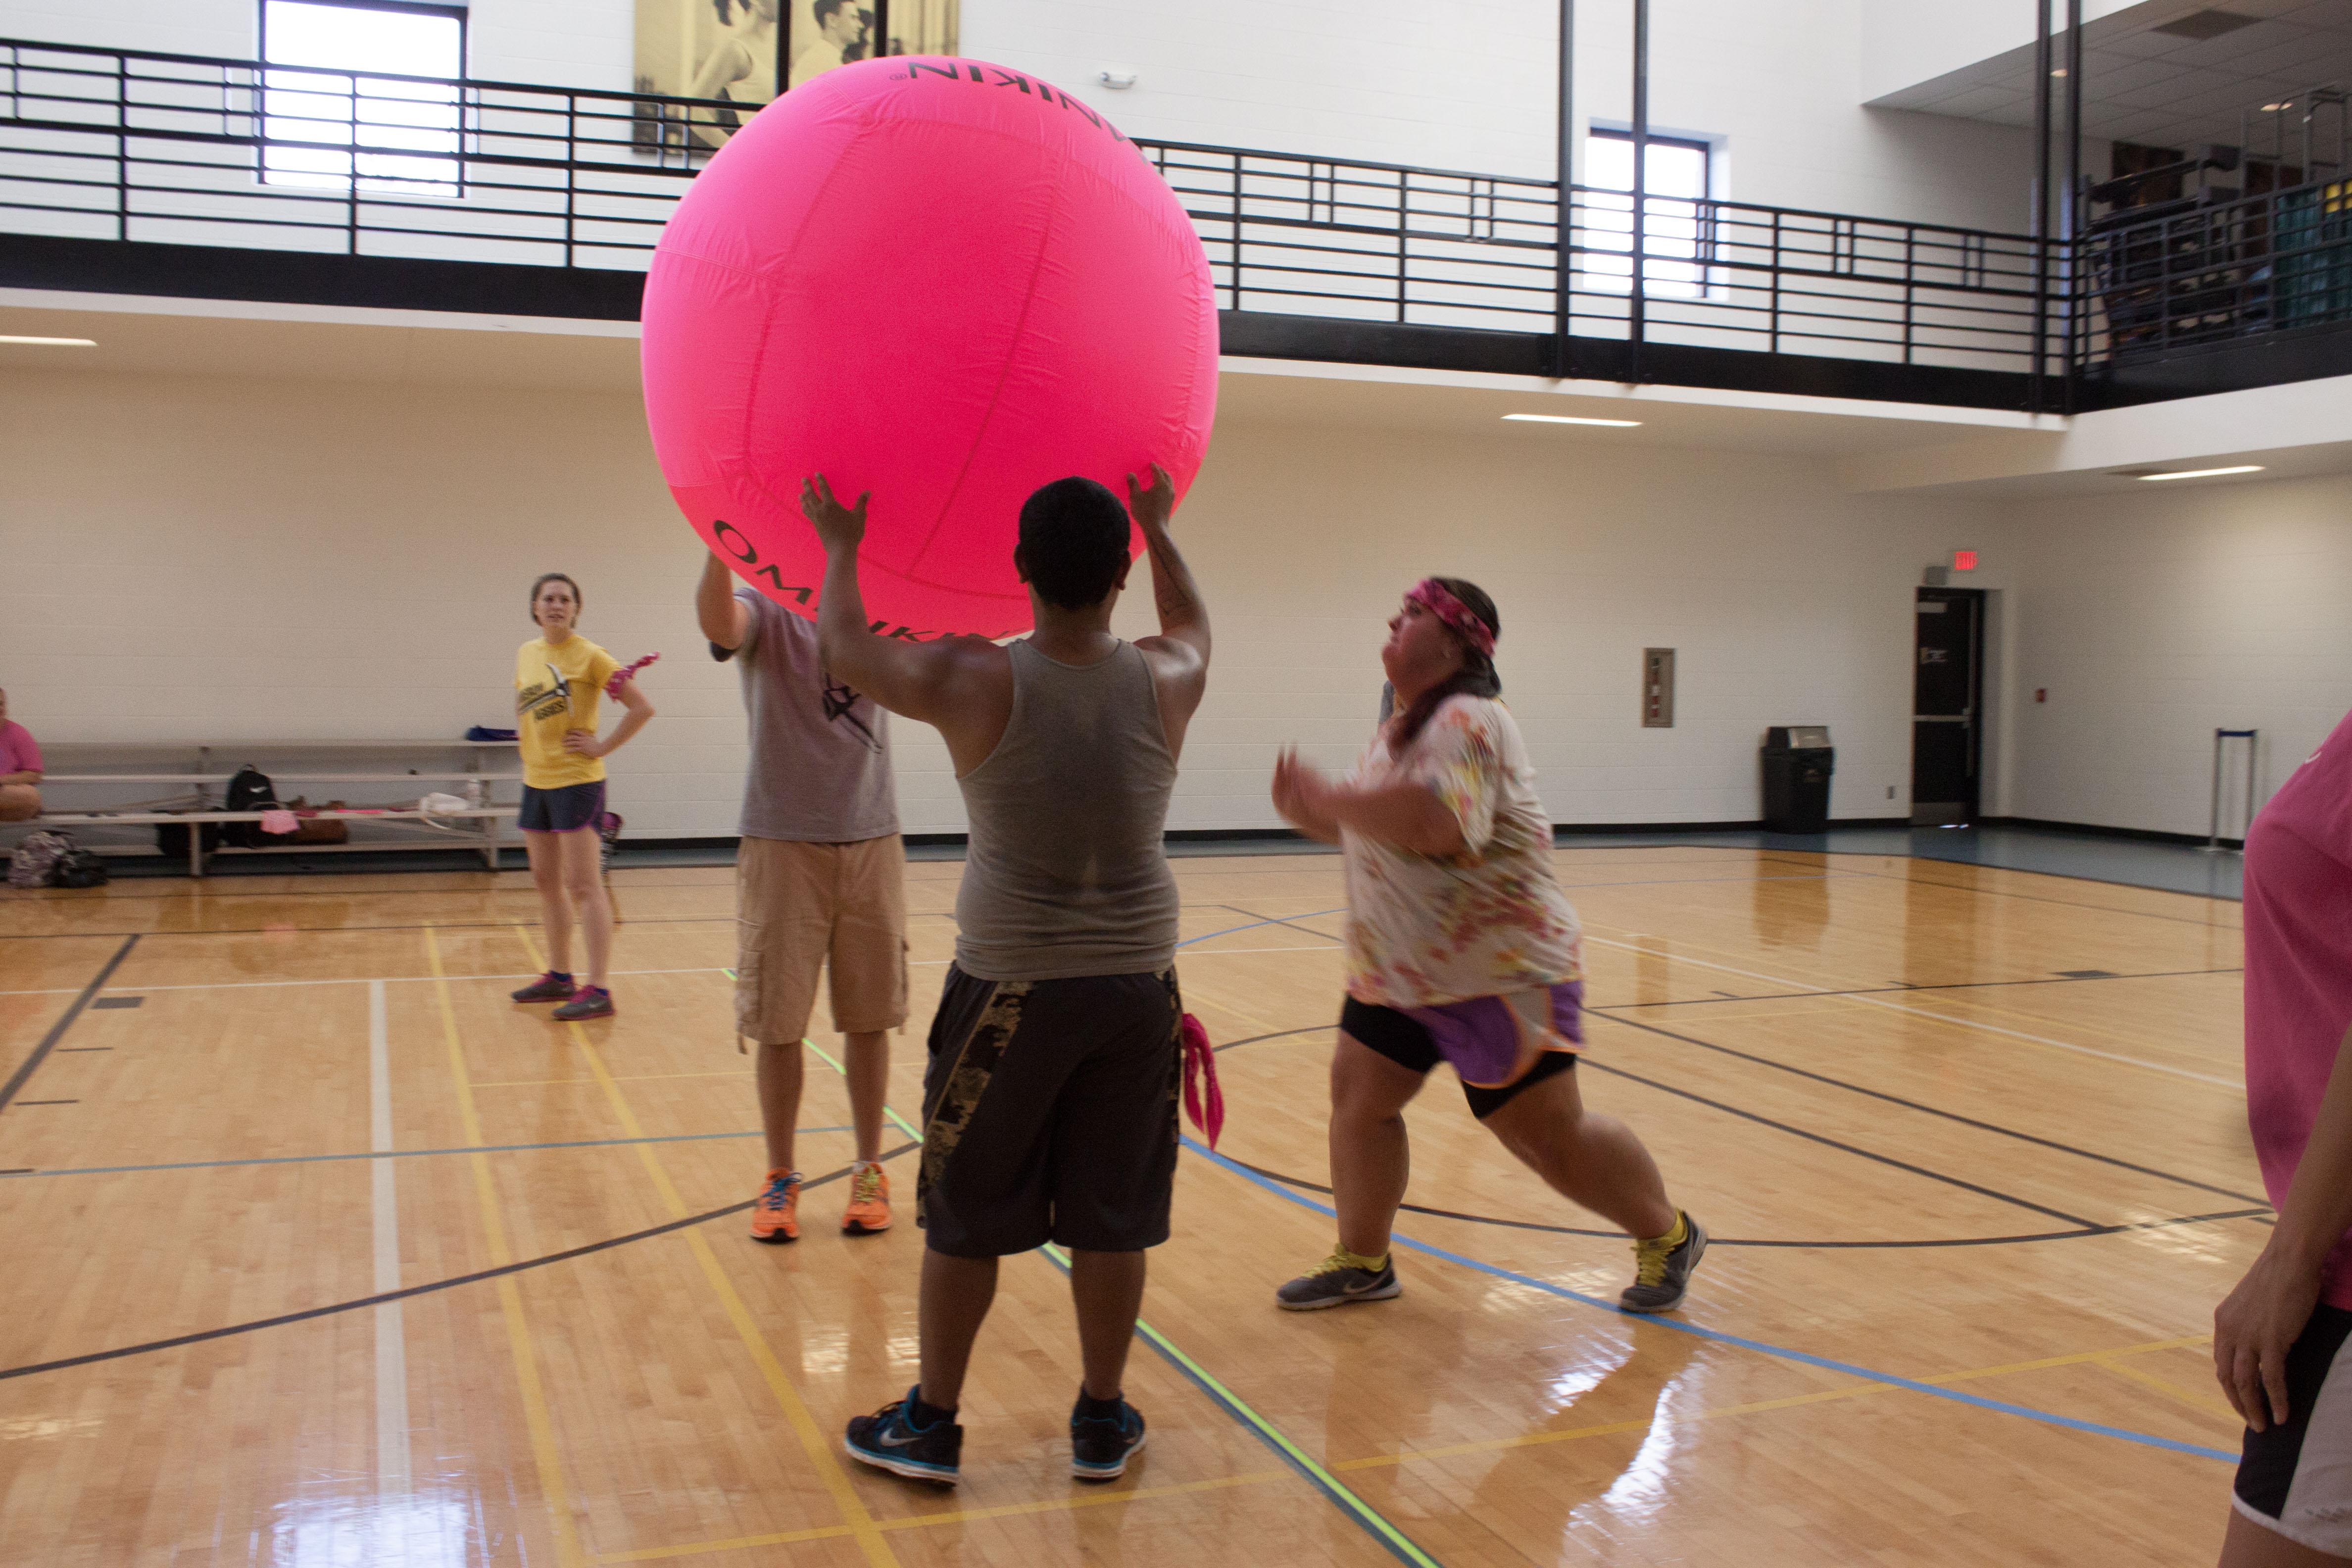 CU Student Activities